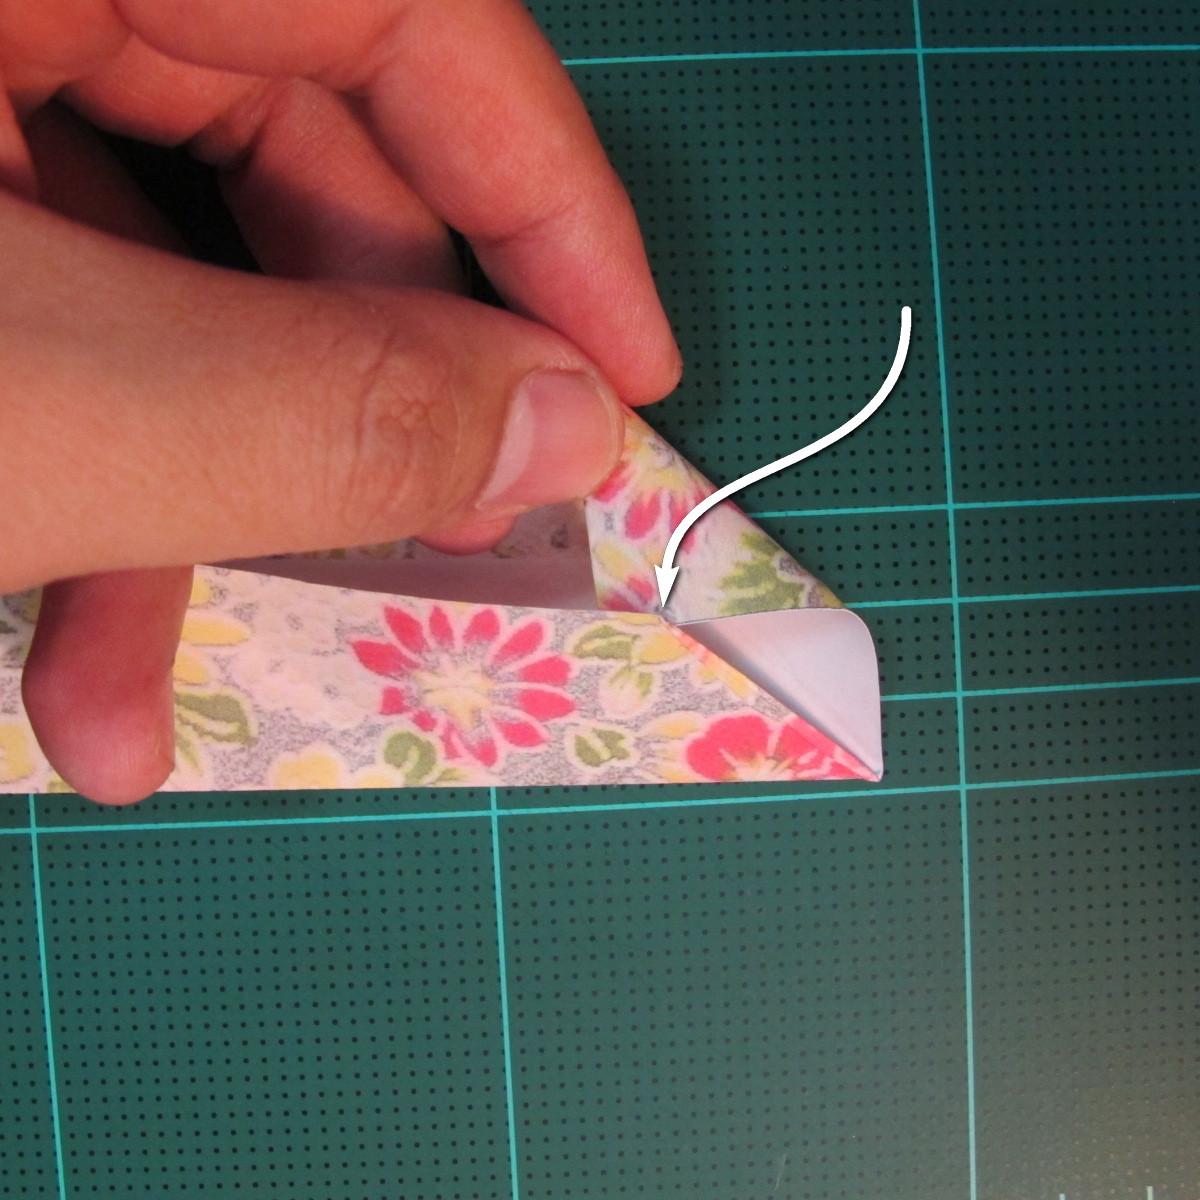 การพับกระดาษเป็นรูปเรขาคณิตทรงลูกบาศก์แบบแยกชิ้นประกอบ (Modular Origami Cube) 010